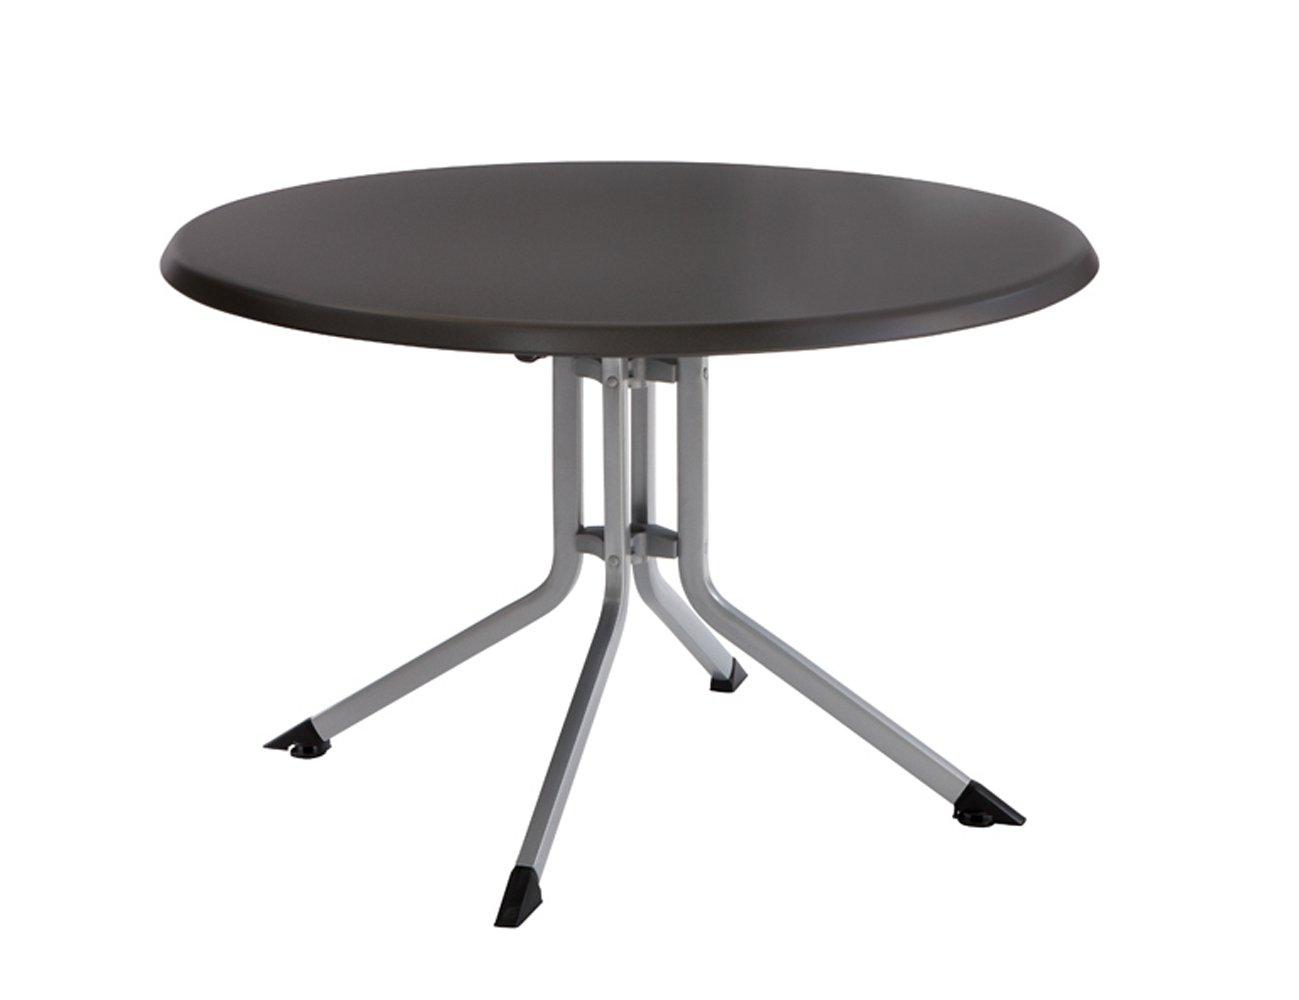 Kettler Klapptisch Boulevard 100 cm – runder Gartentisch mit Aluminiumgestell und KETTALUX-PLUS Tischplatte – silber & anthrazit